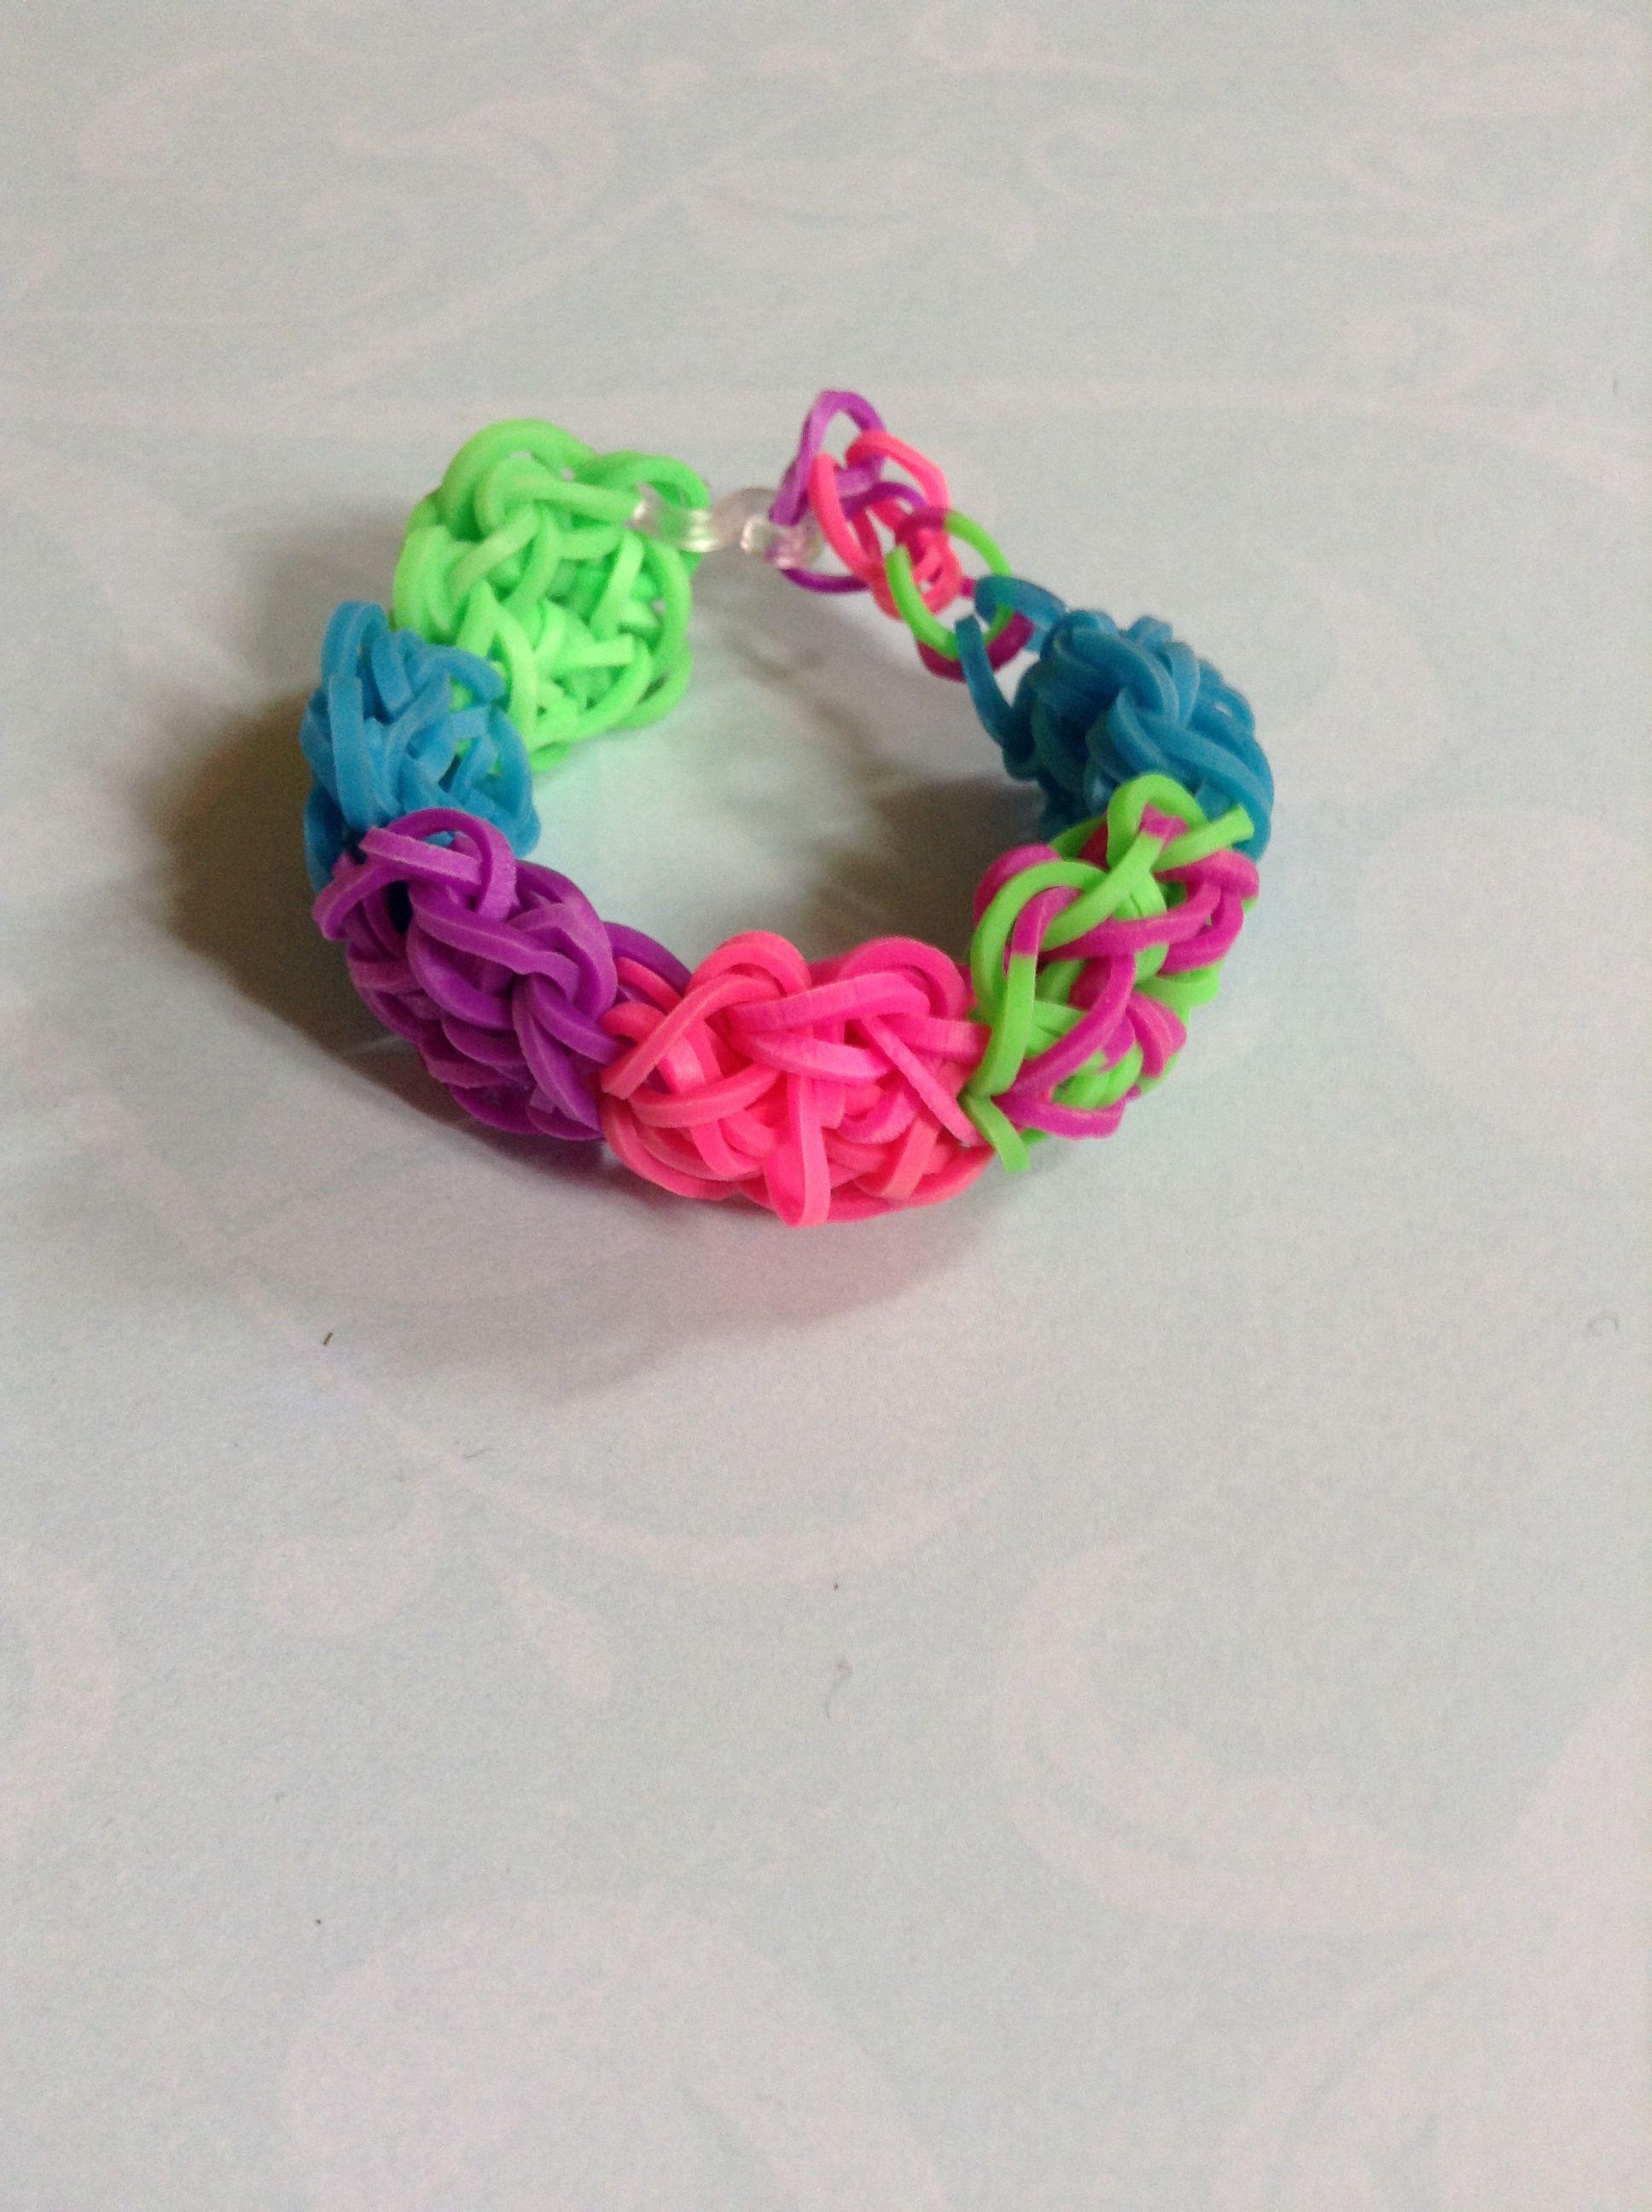 Flower power bracelet By Crafty loomy (rainbowloom.com)